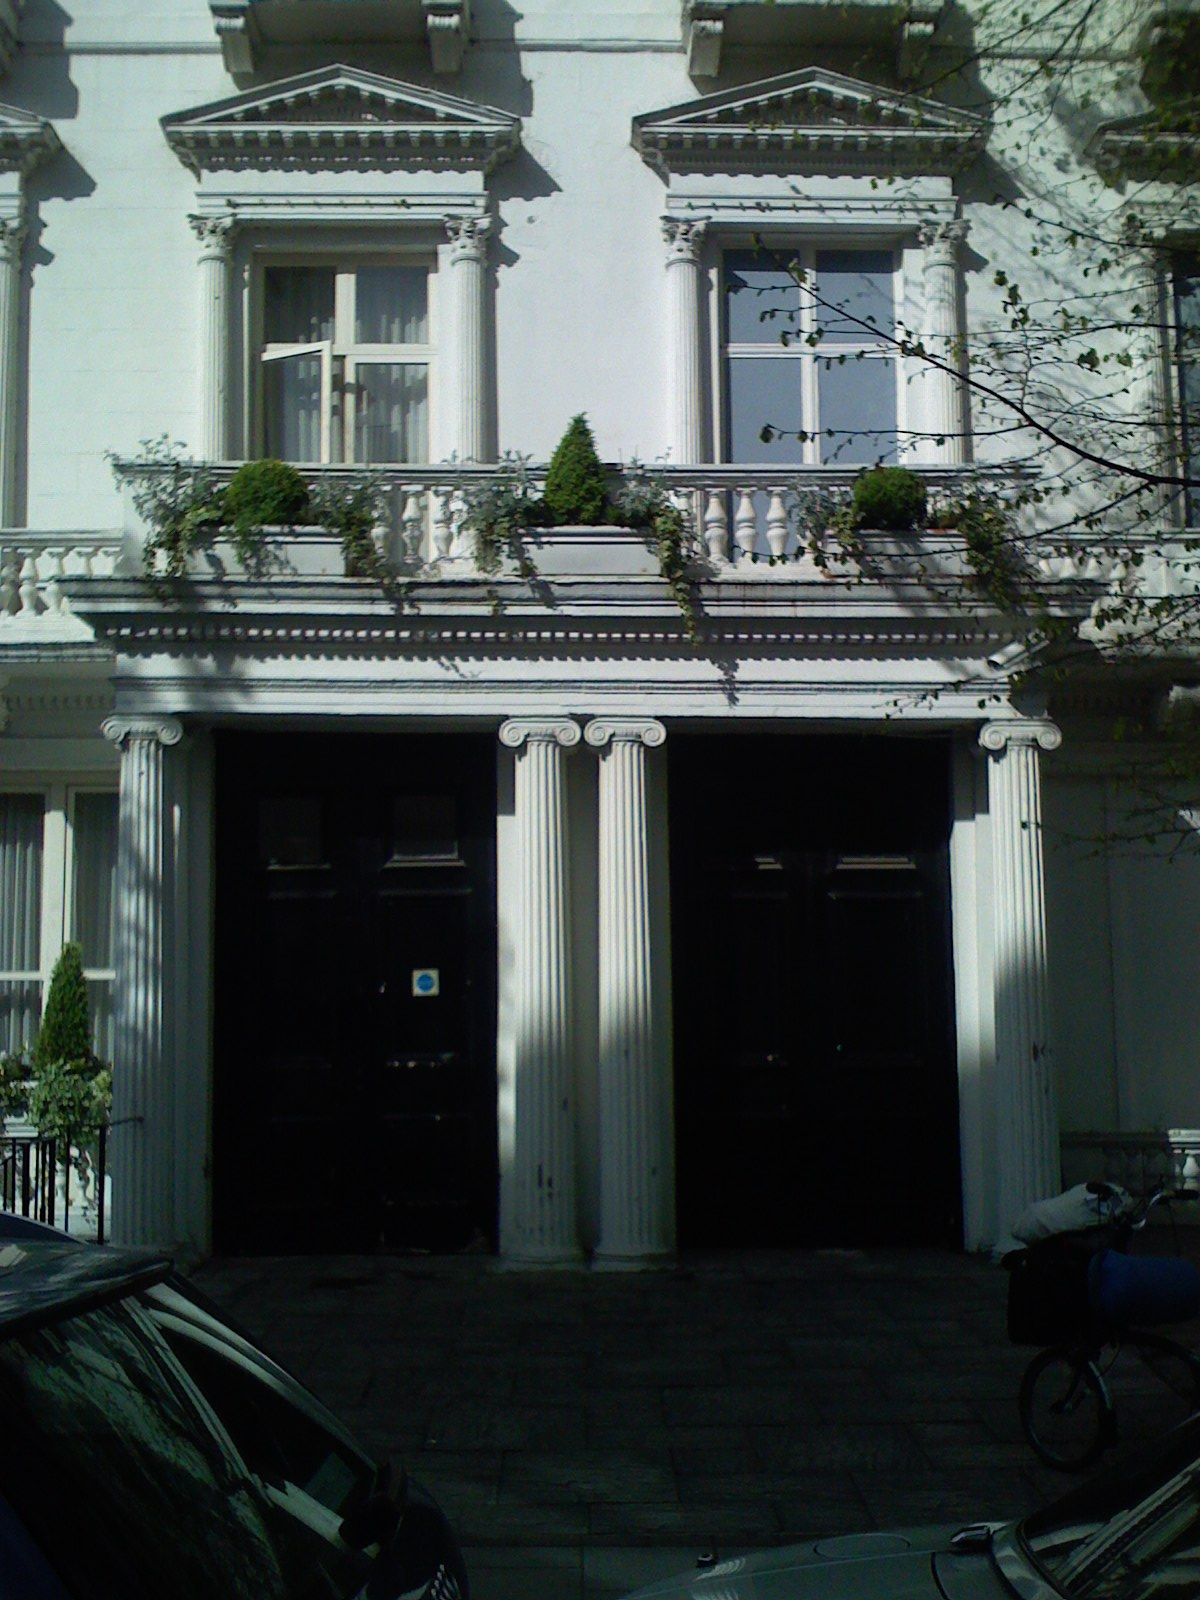 22-23-leinster-gardens-facade-contrast